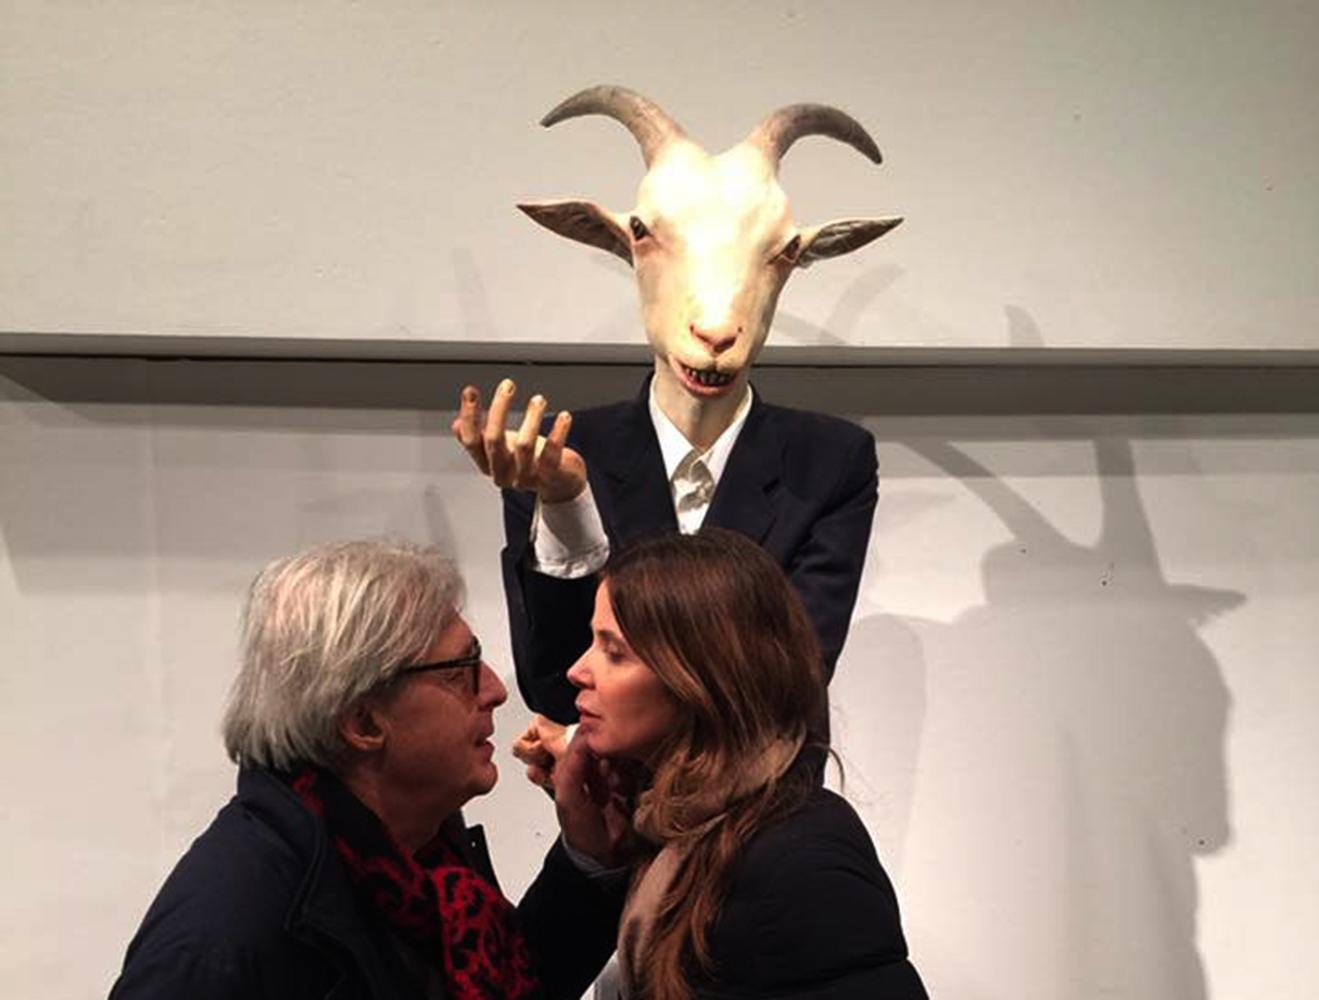 """""""CAPRA!"""" con Vittorio Sgarbi e Sabrina Colle, OLTRE IL LIMITE, Pesaro 2017, fotografia di Andrea Samaritani"""